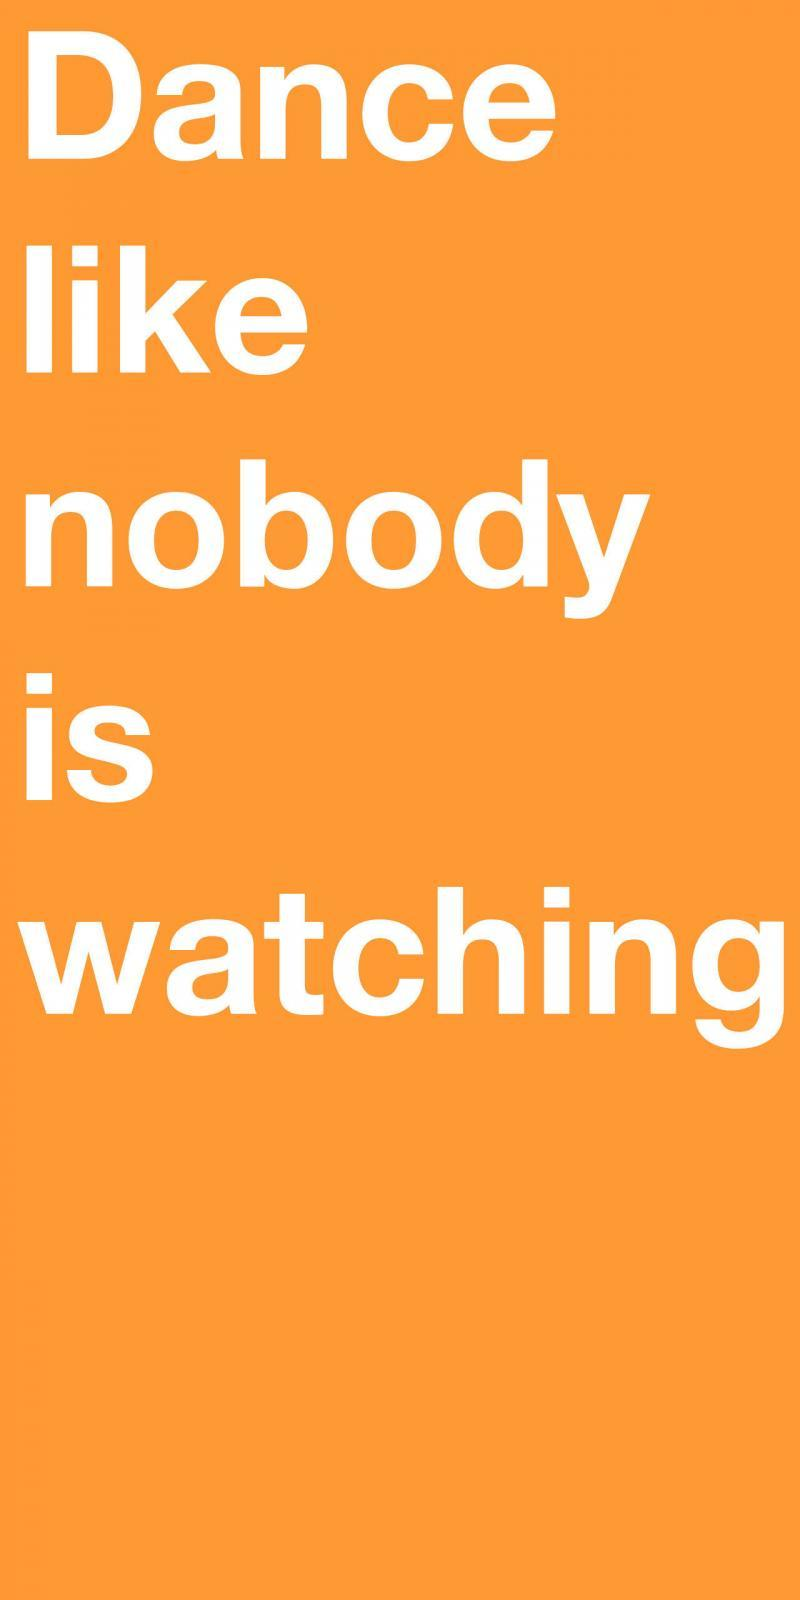 Dance like nobody is watching